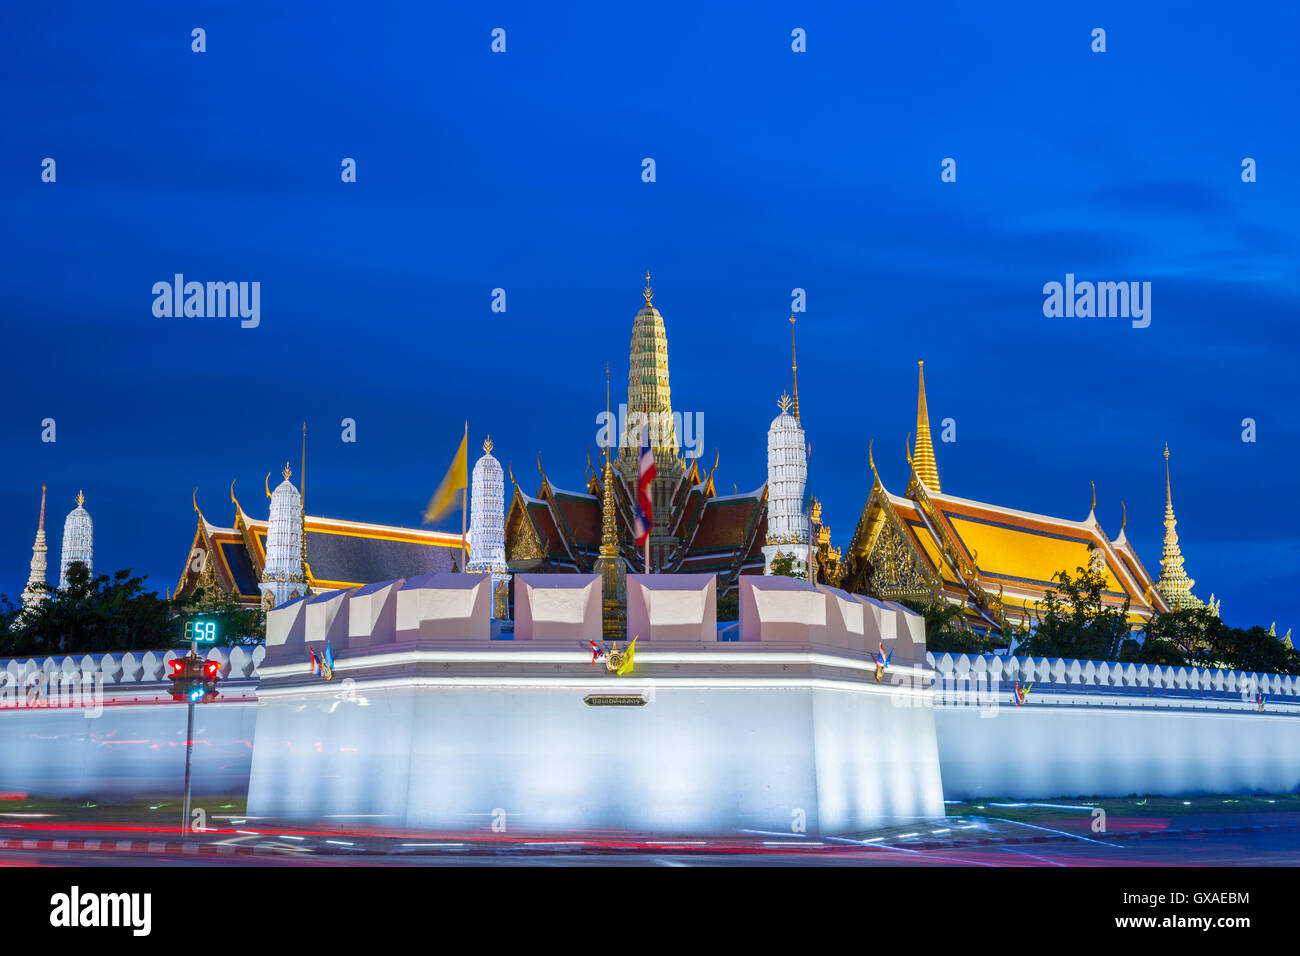 Il Grand Palace al crepuscolo, Bangkok, Thailandia. Immagini Stock